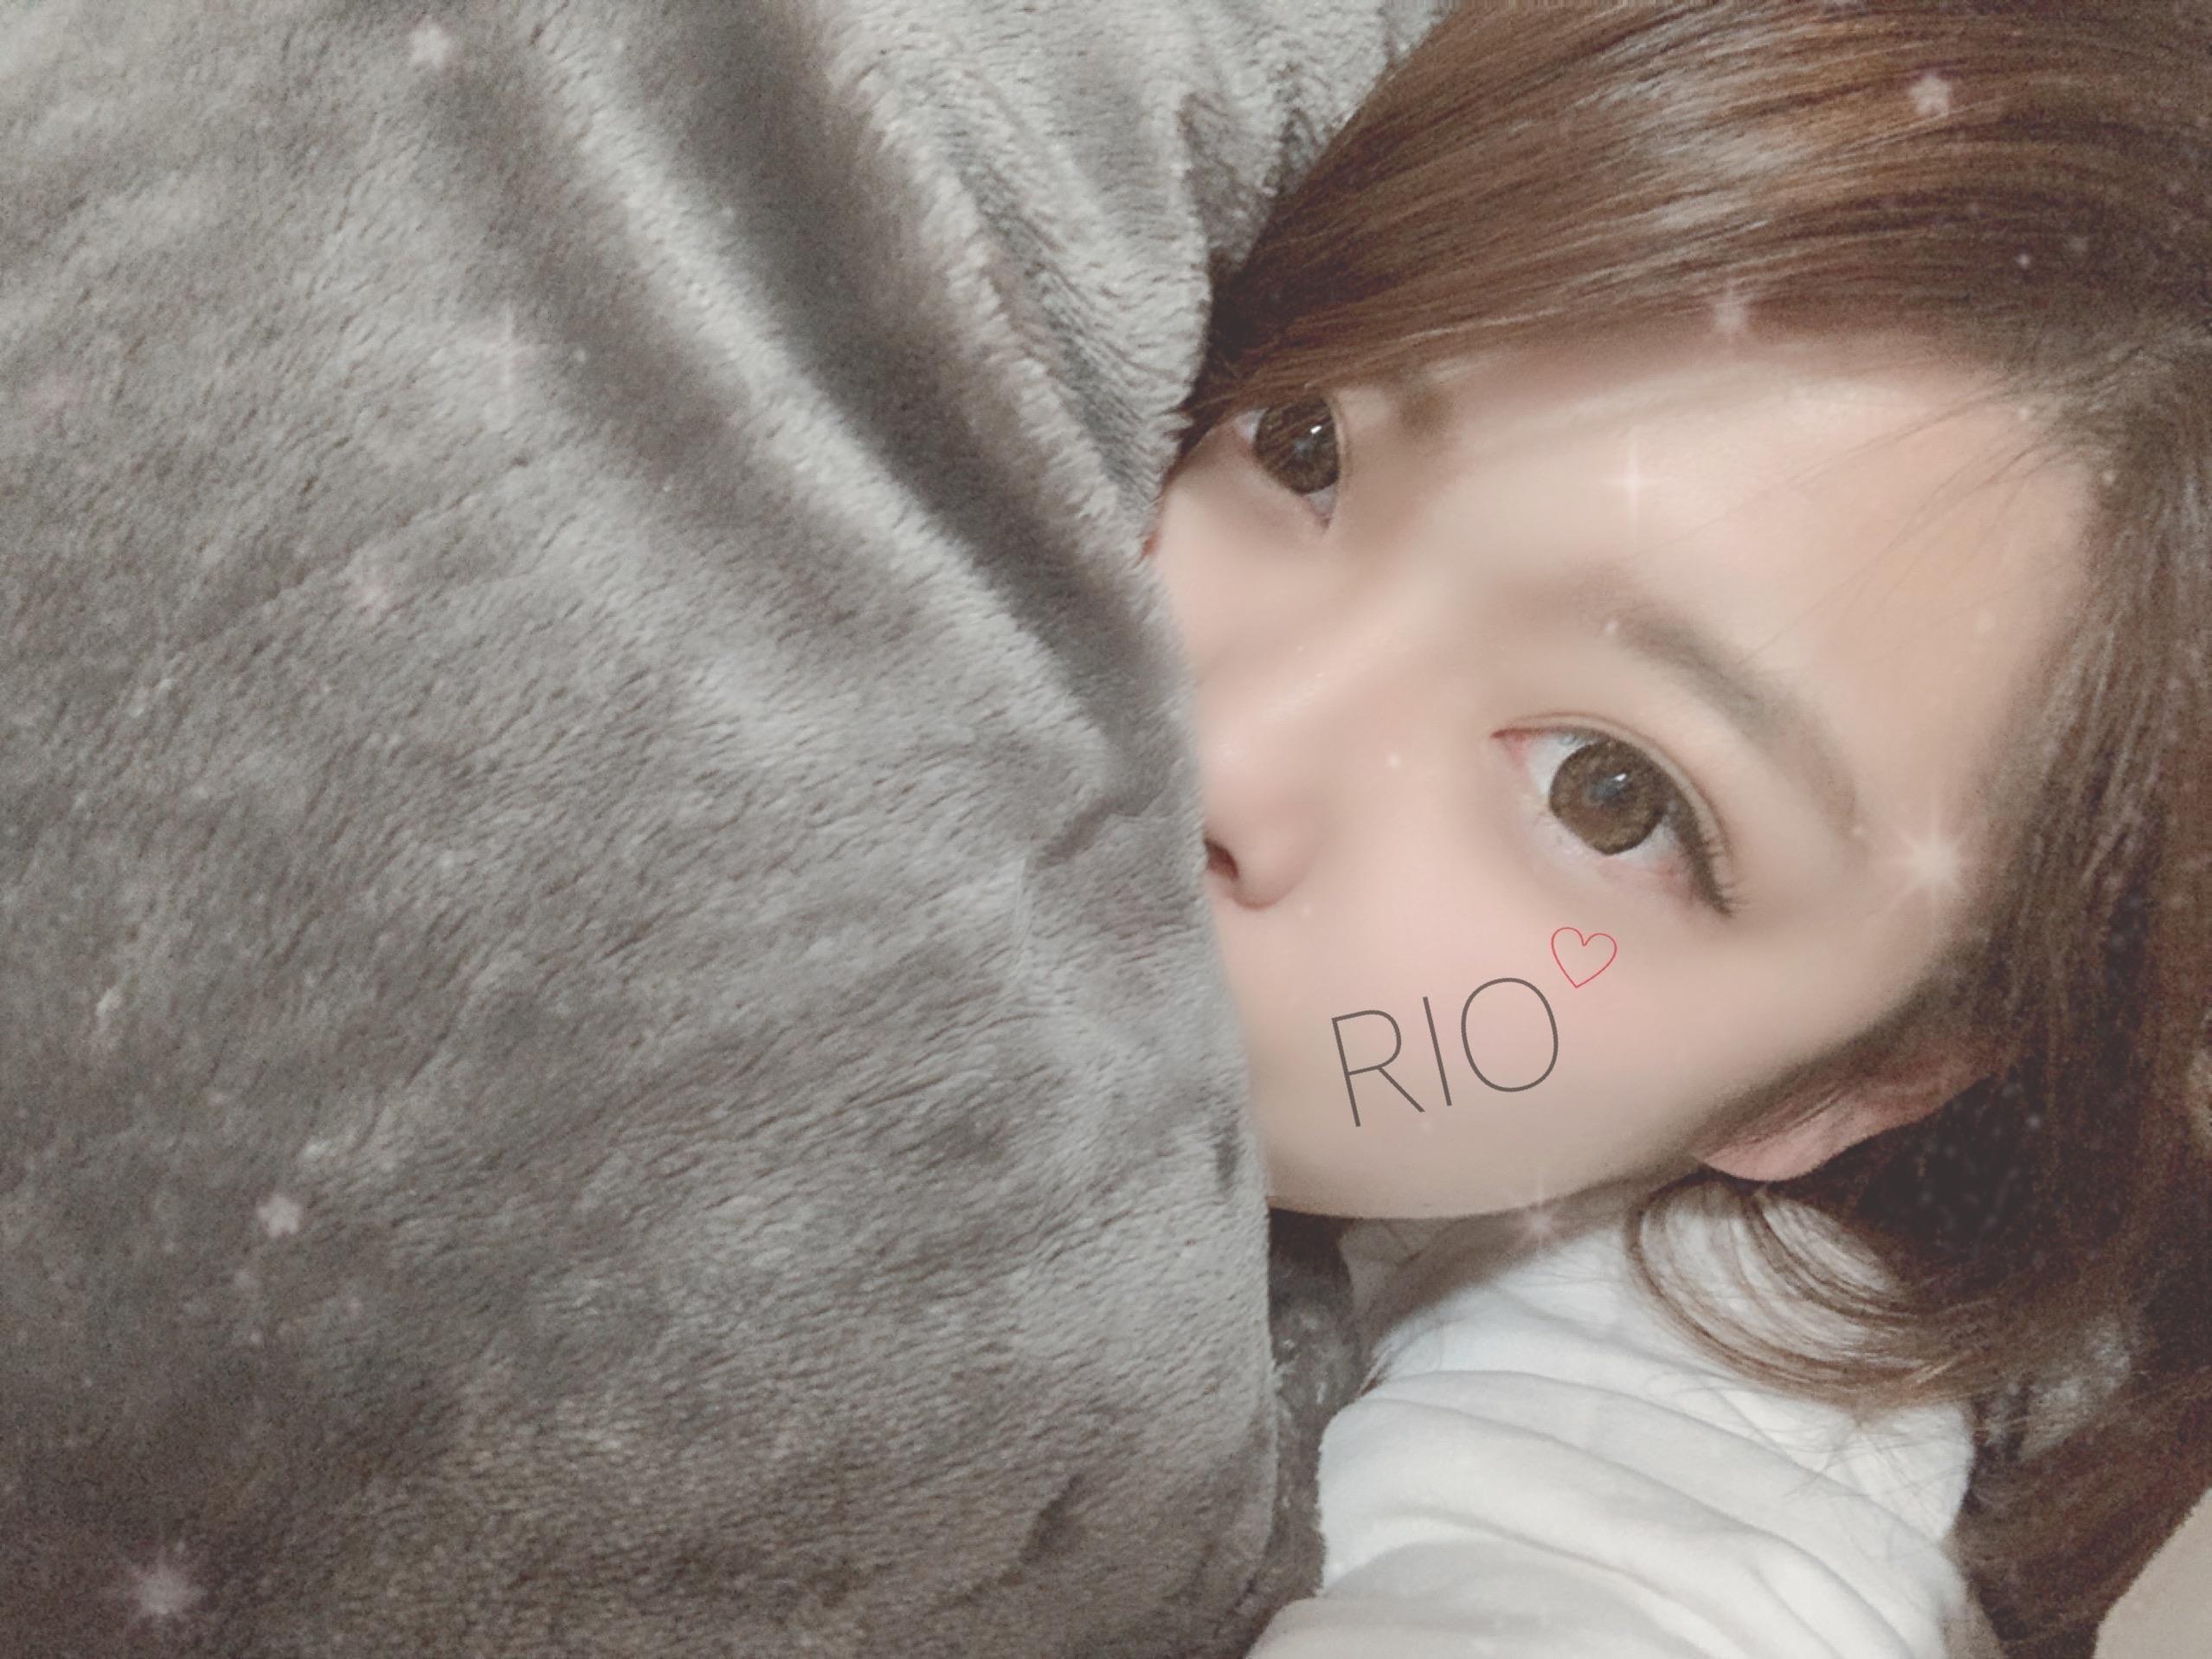 「とくに面白くありません。笑」02/19(水) 19:54 | 藤咲 りおの写メ・風俗動画